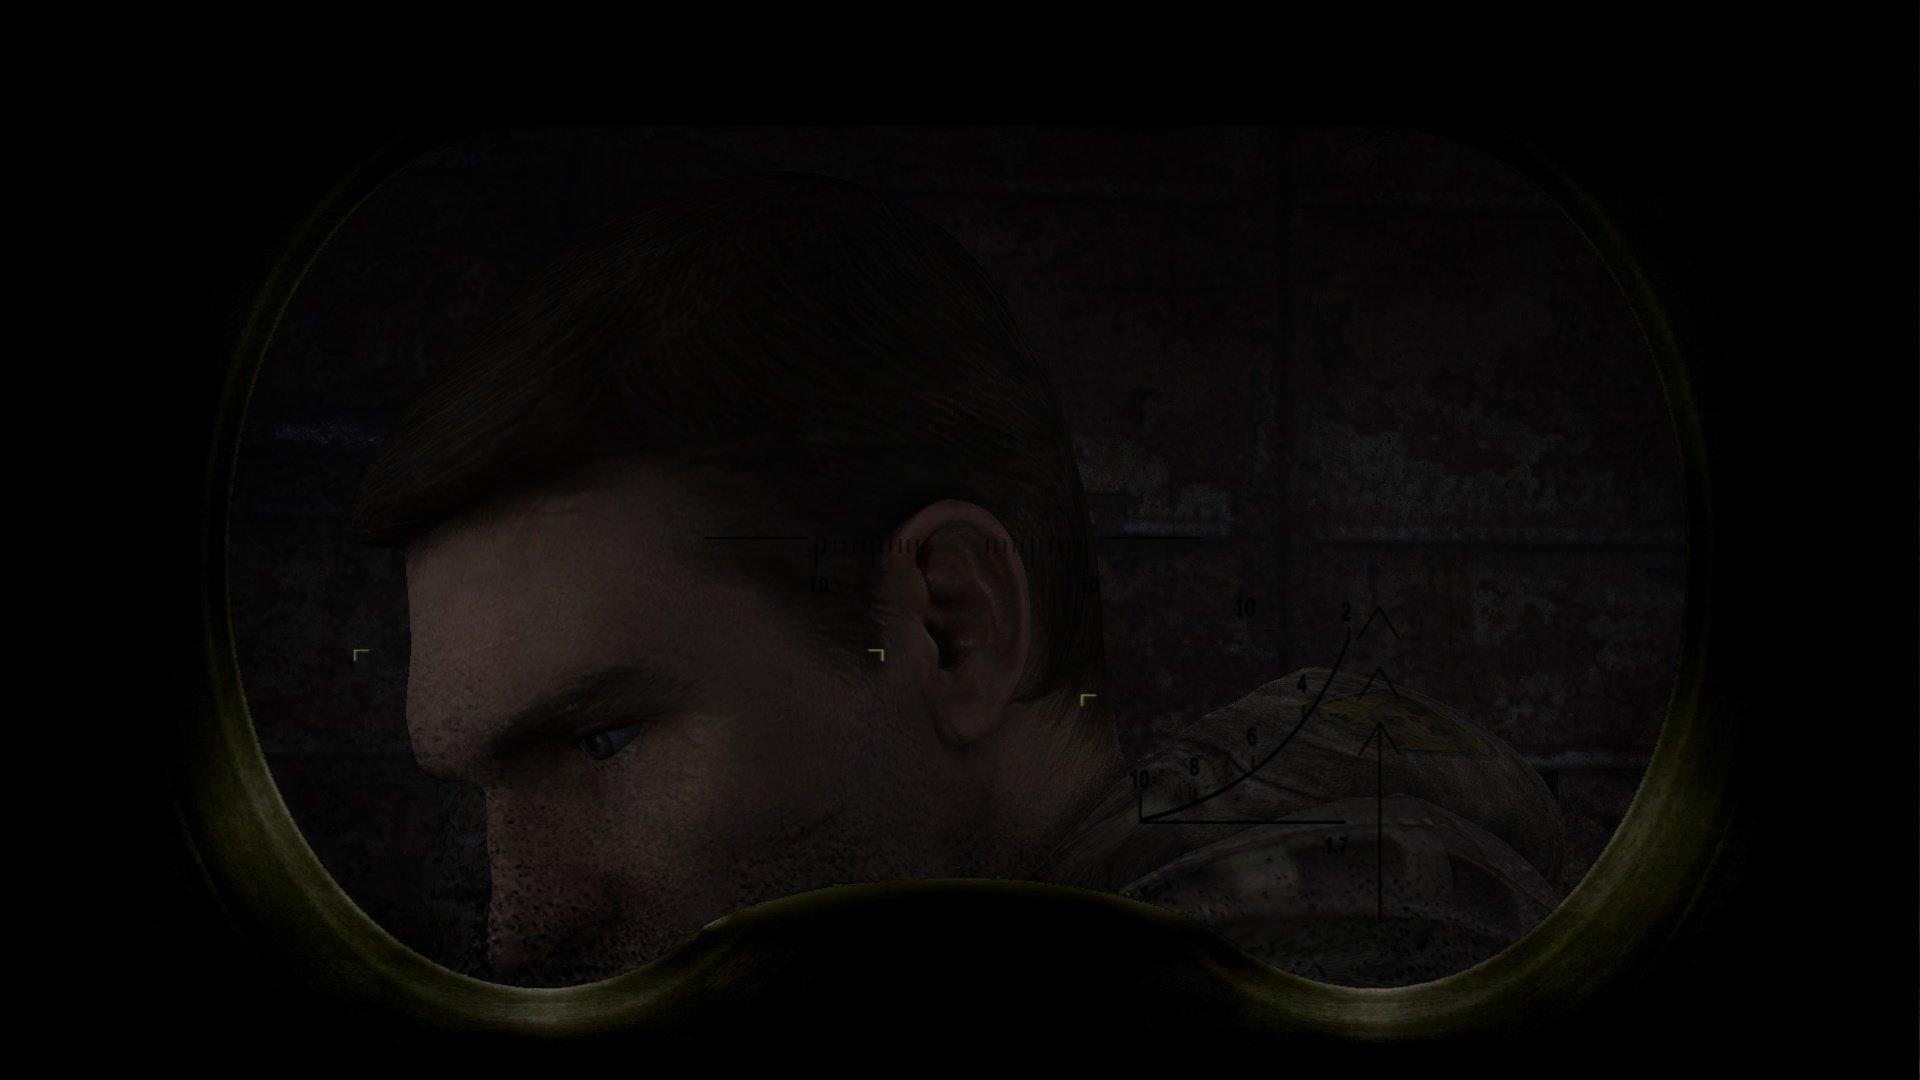 Теселяция Crysis 3 vs STALKER CoP - Изображение 1